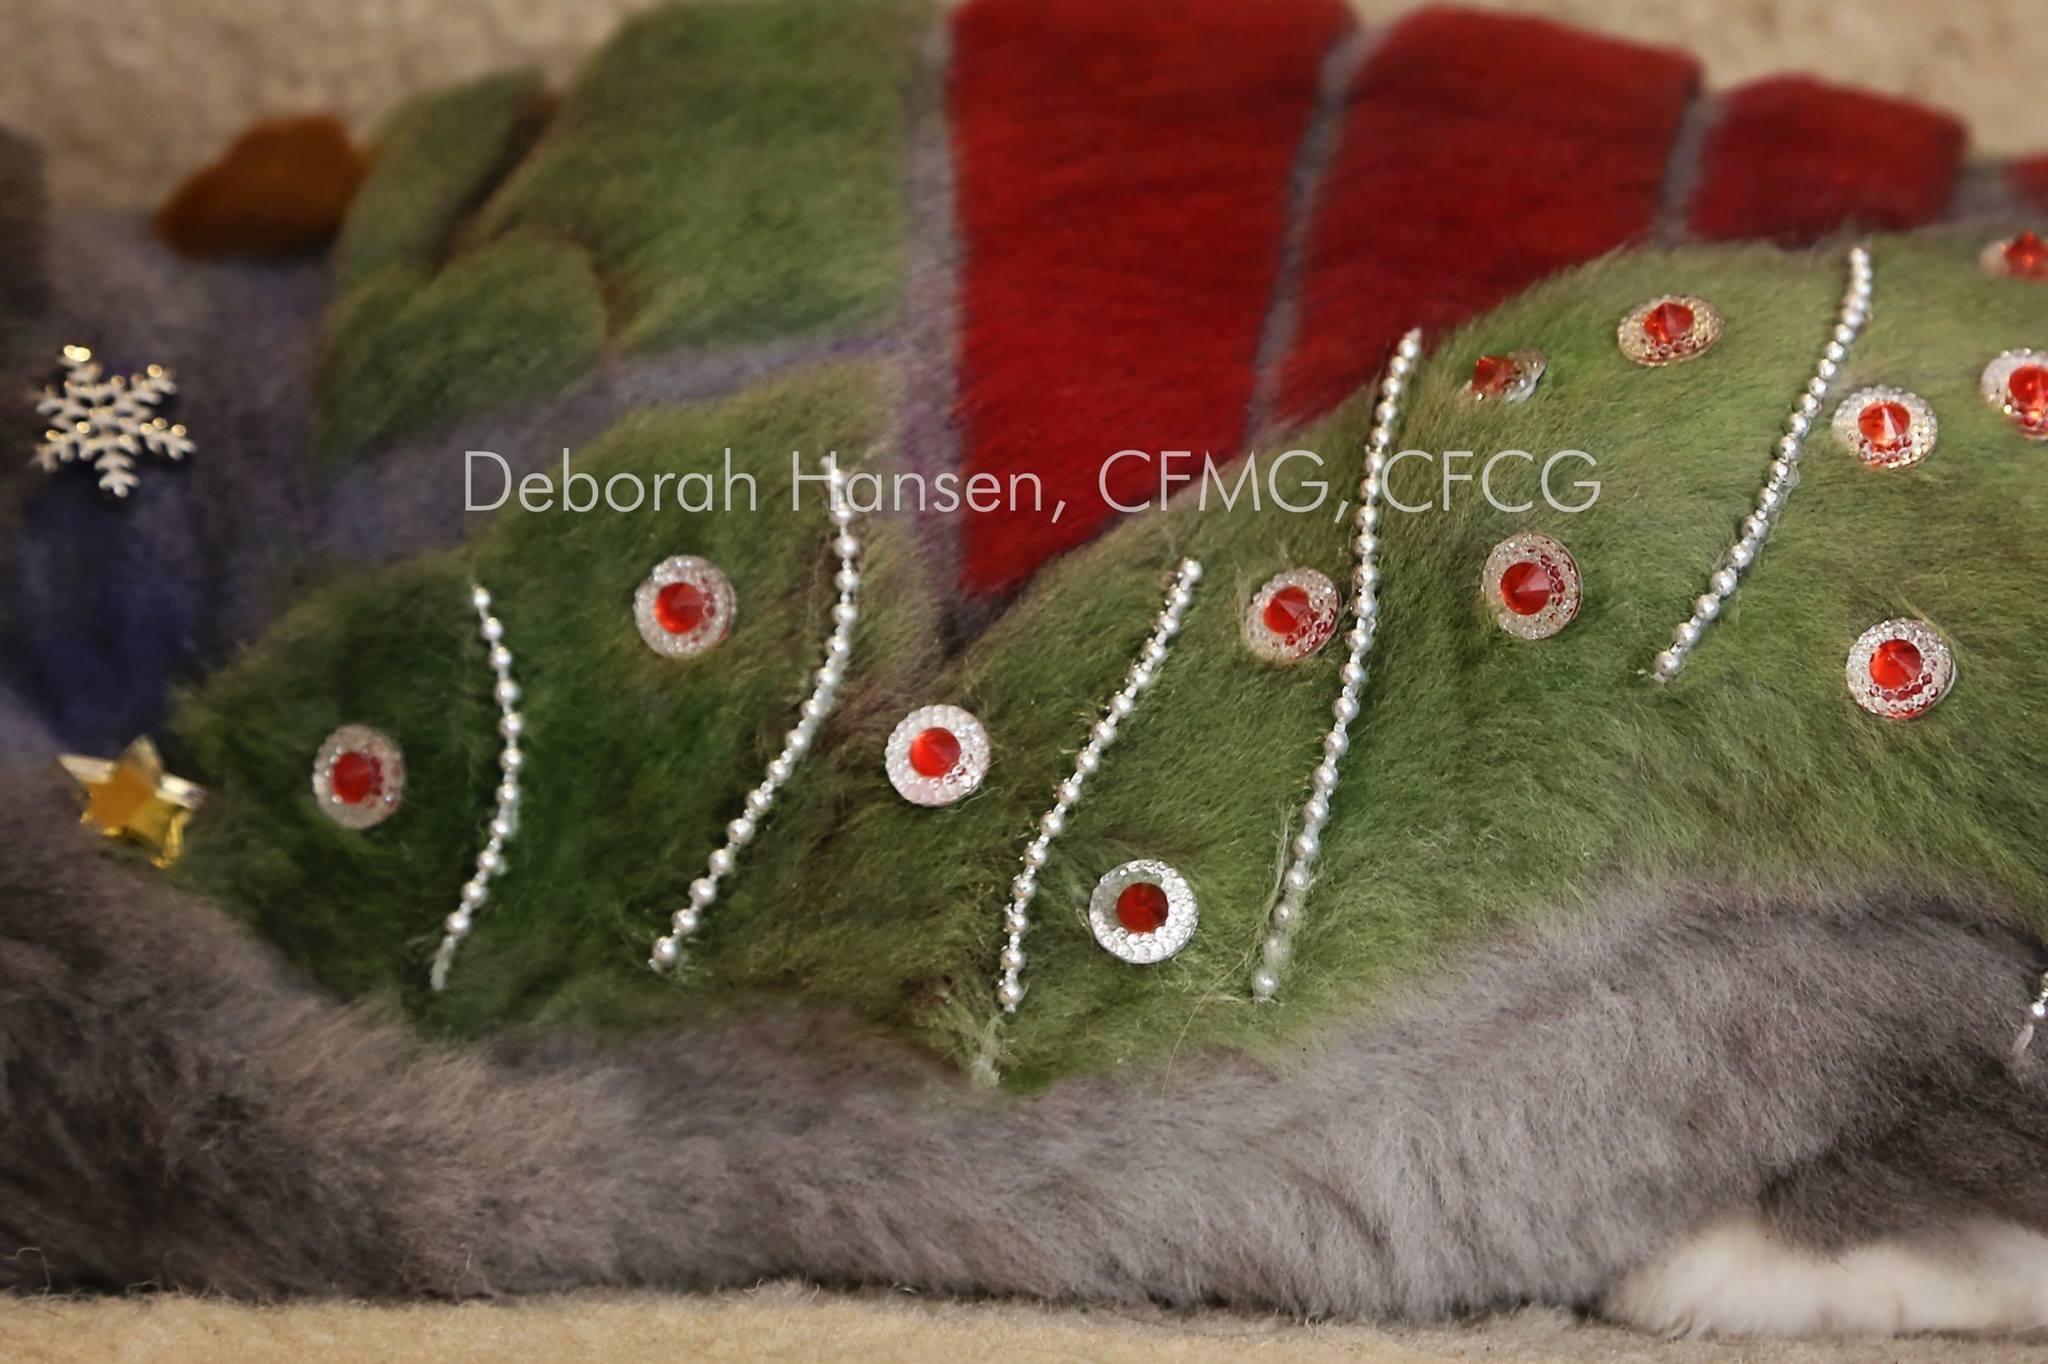 Christmas in July by Deborah Hansen, CFMG, CFCG, creative cat grooming